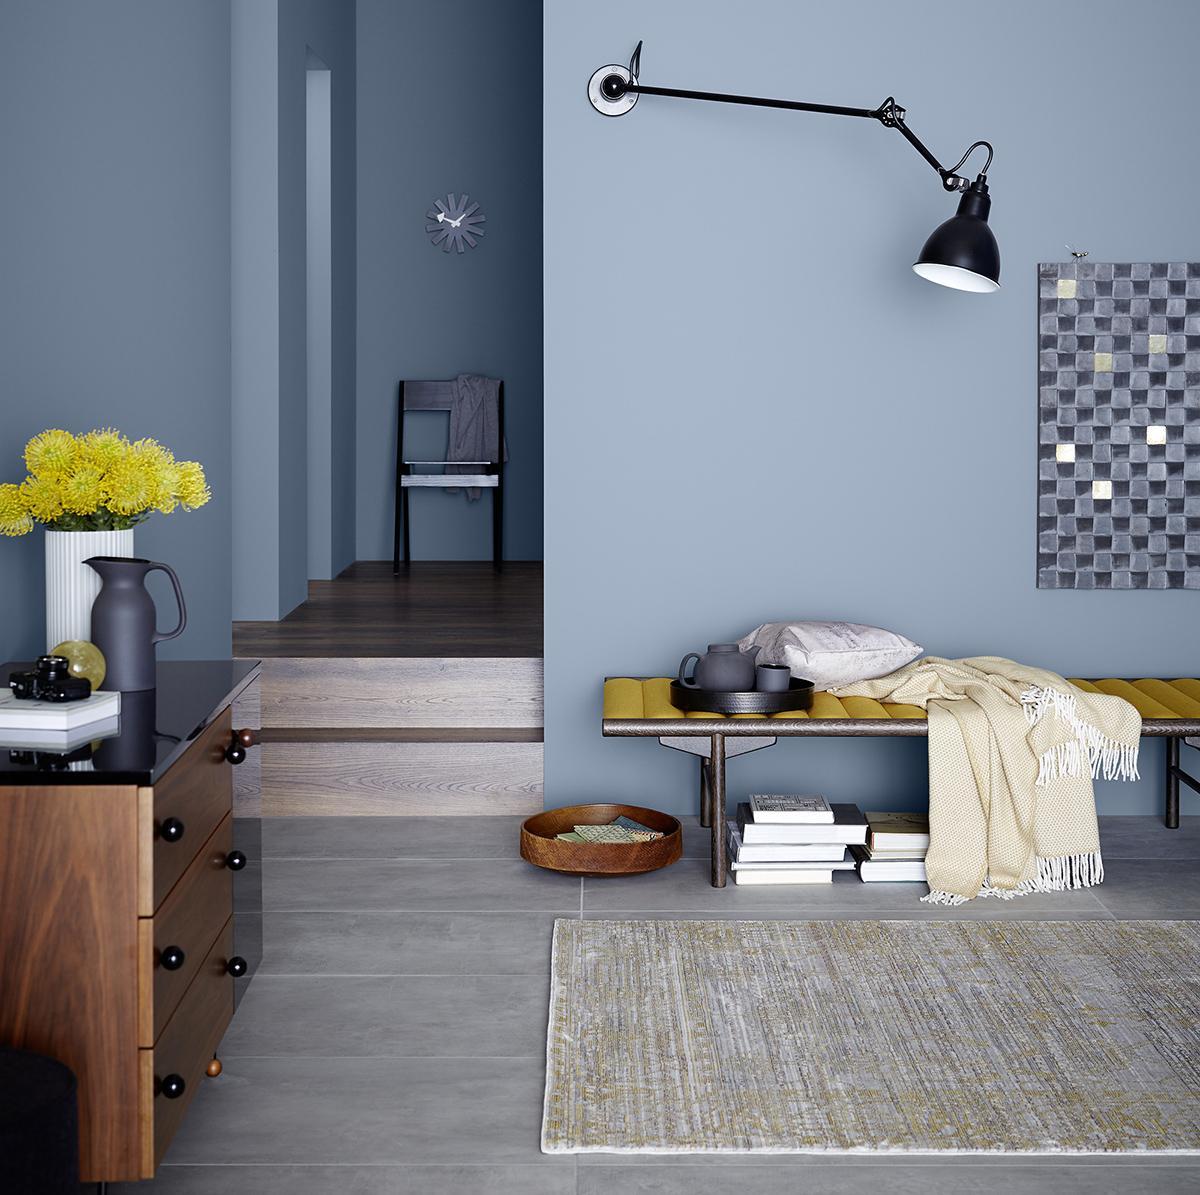 Great Cool Waterfront Architectsu Finest Stuhl Wandfarbe Teppich Lampe With  Schner Wohnen Lampen Esstisch With Schner